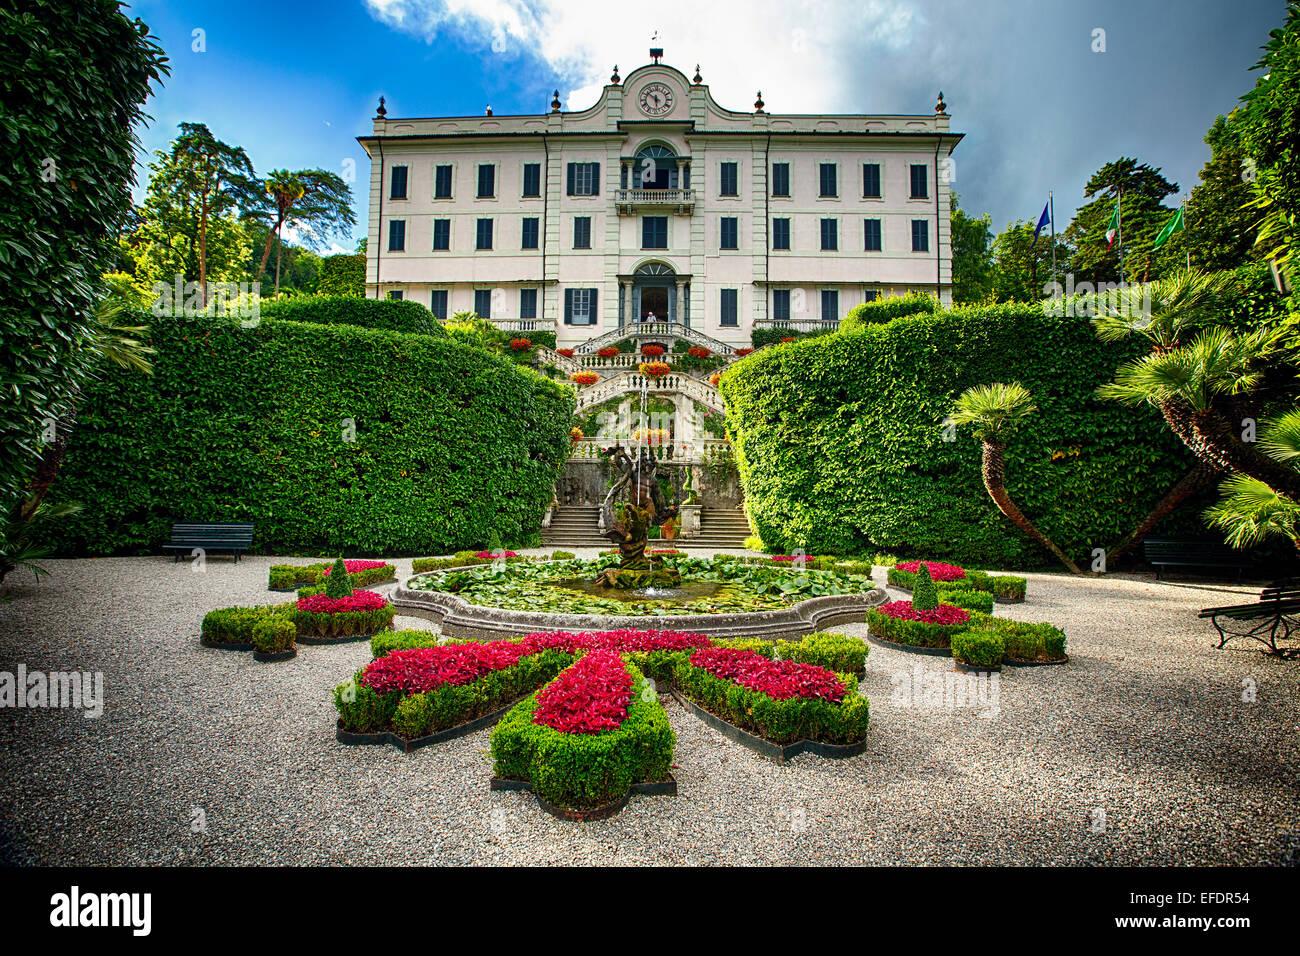 Villa immagini villa fotos stock alamy for Cabine spartiacque vista lago fontana